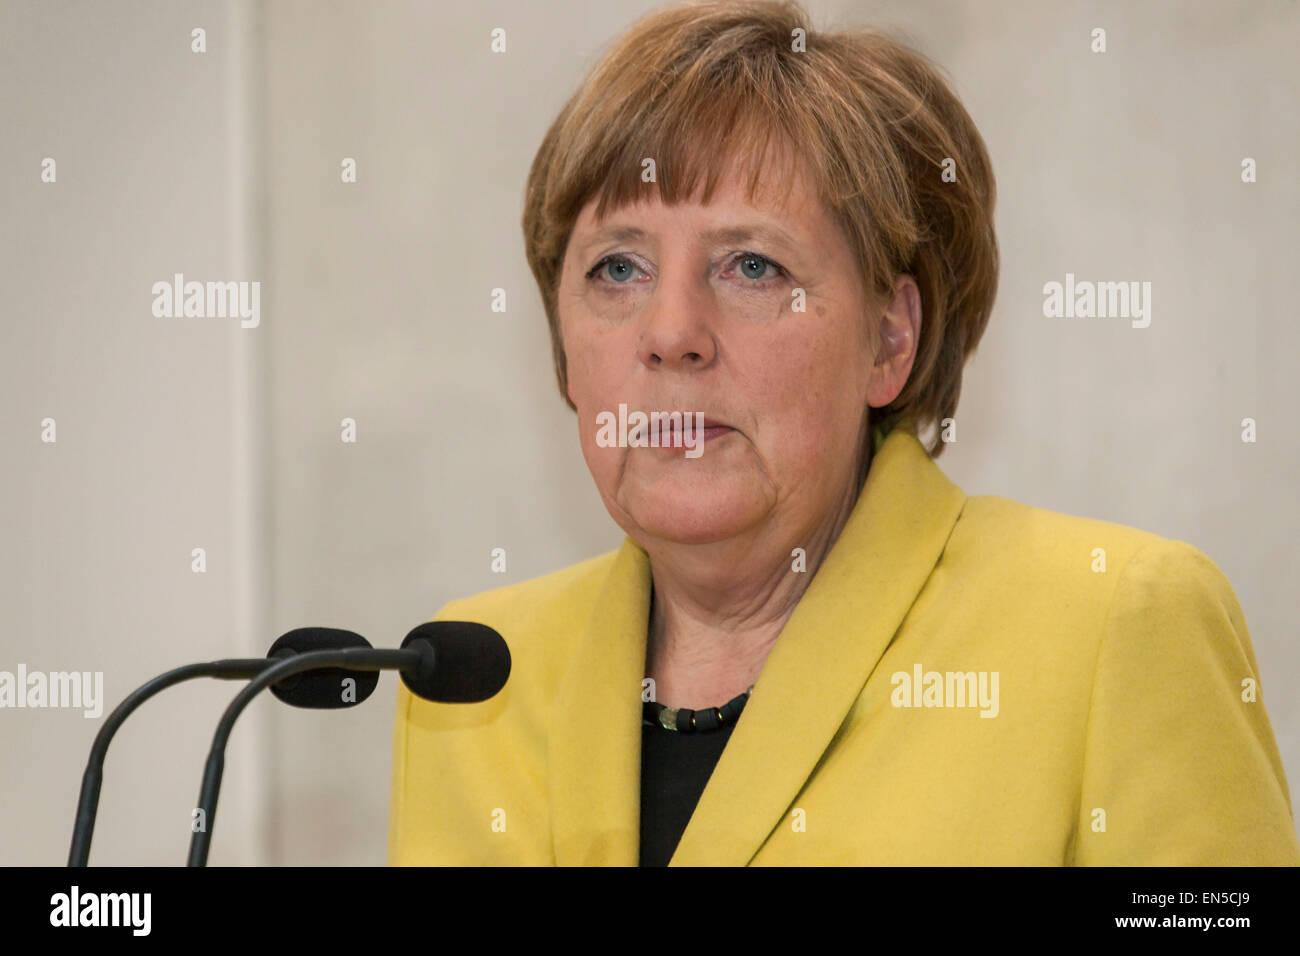 Kongens Lyngby, Denmark, April 28th, 2015. Chancellor Angela Merkel said at the press meeting at Marienborg north - Stock Image